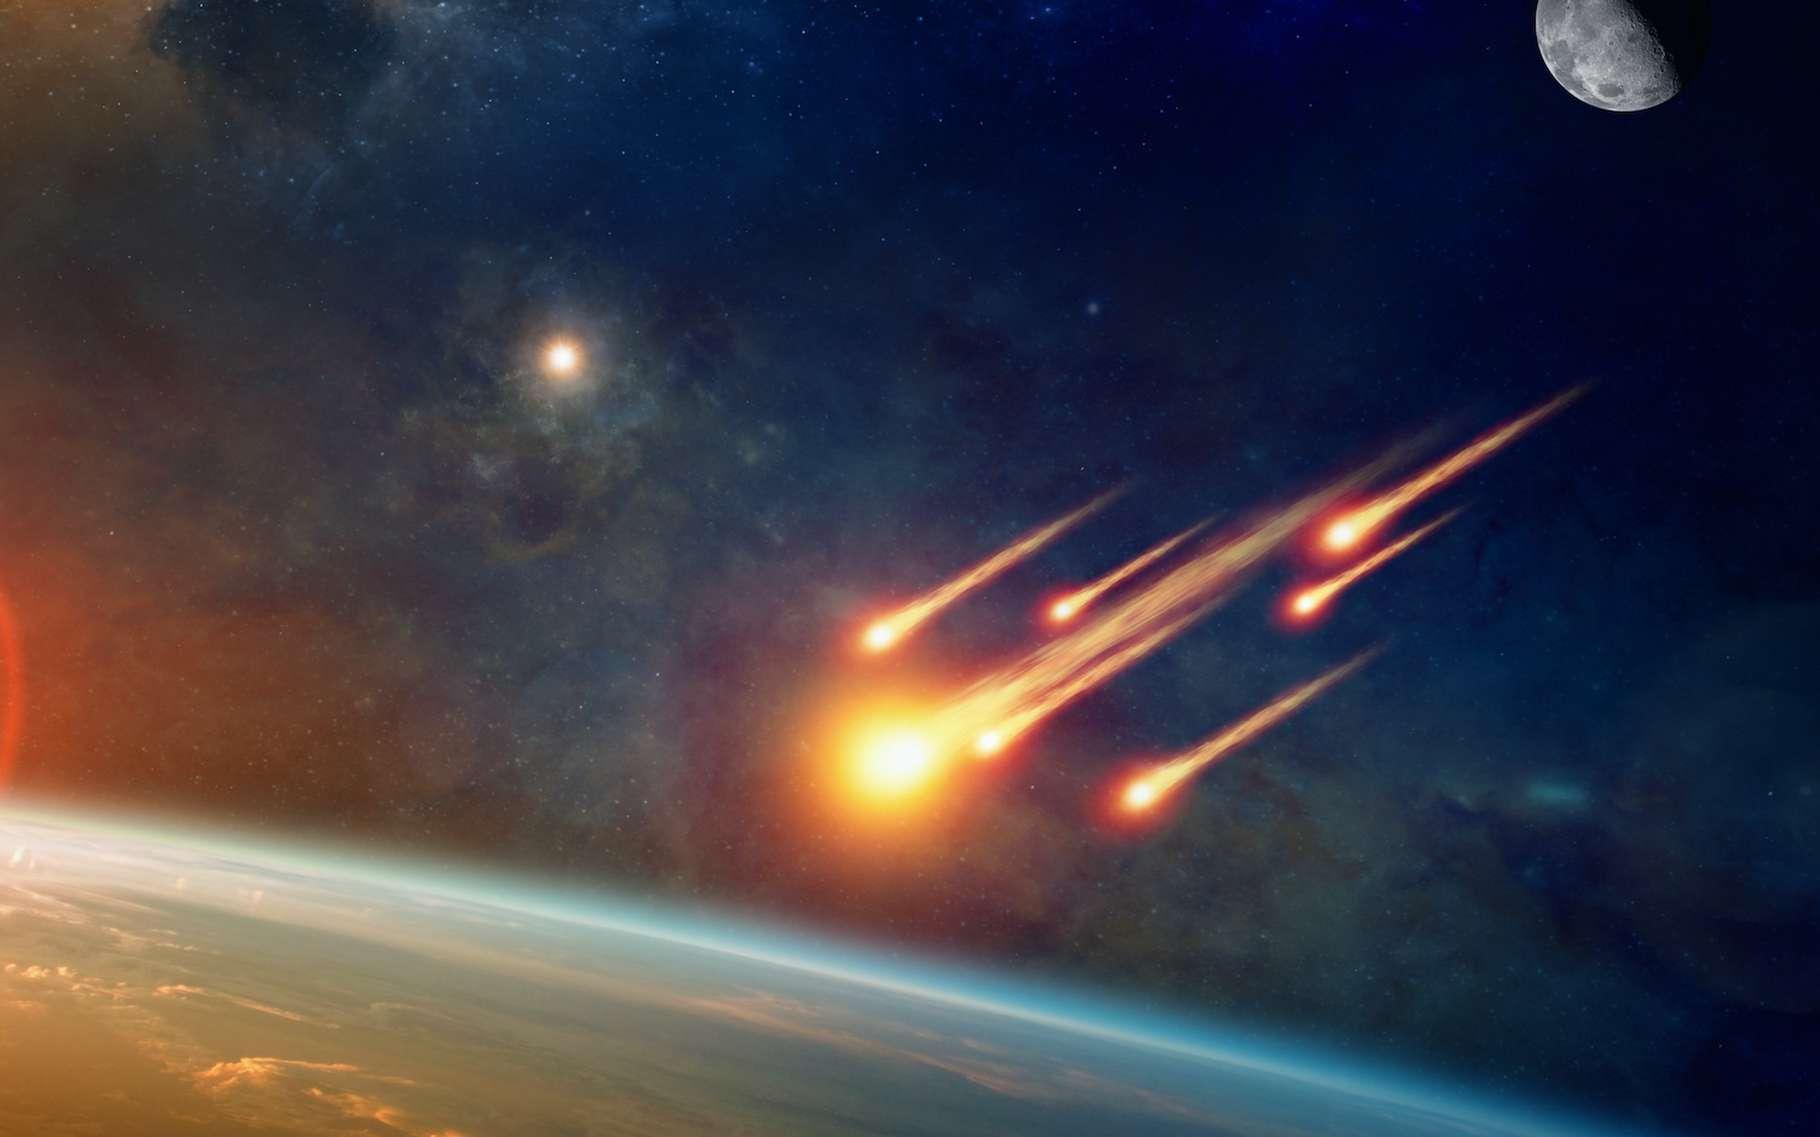 Les météorites sont assez fréquentes. Mais certaines sortent du lot par leur brillance. Et par leur origine. Comme celles présentées ici en illustration. Ou celle qui s'est illuminée dans le ciel de l'Australie en août 2016. © IgorZh, Adobe Stock